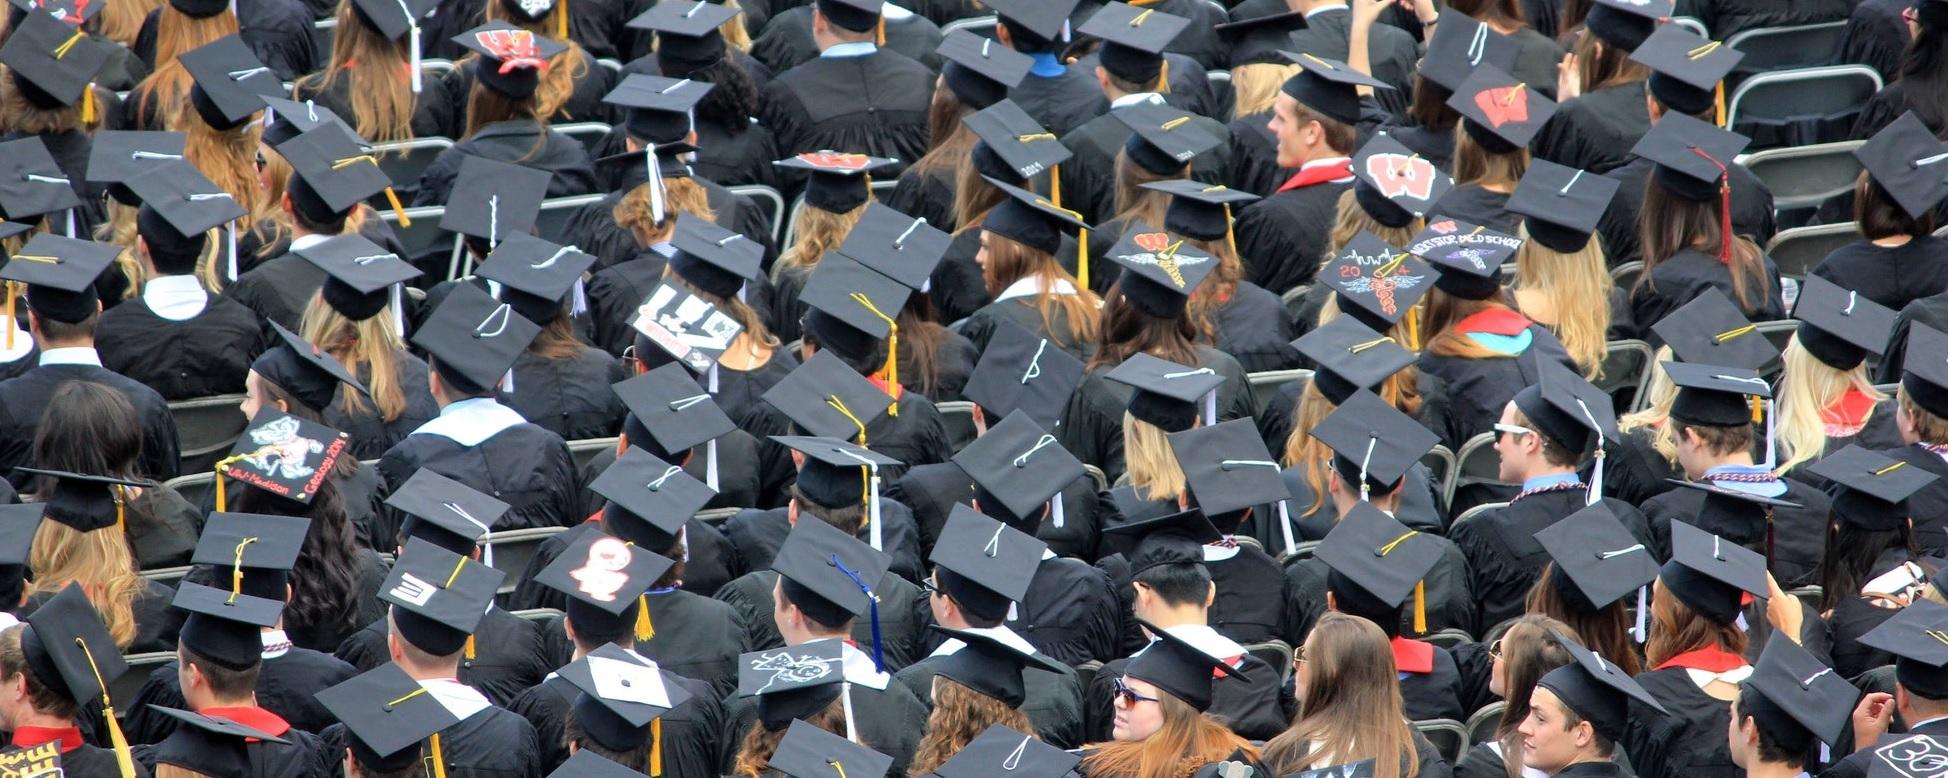 Infórmate sobre cursos online y presenciales, curiosidades sobre carreras universitarias, los mejores países para estudiar y mucho más.